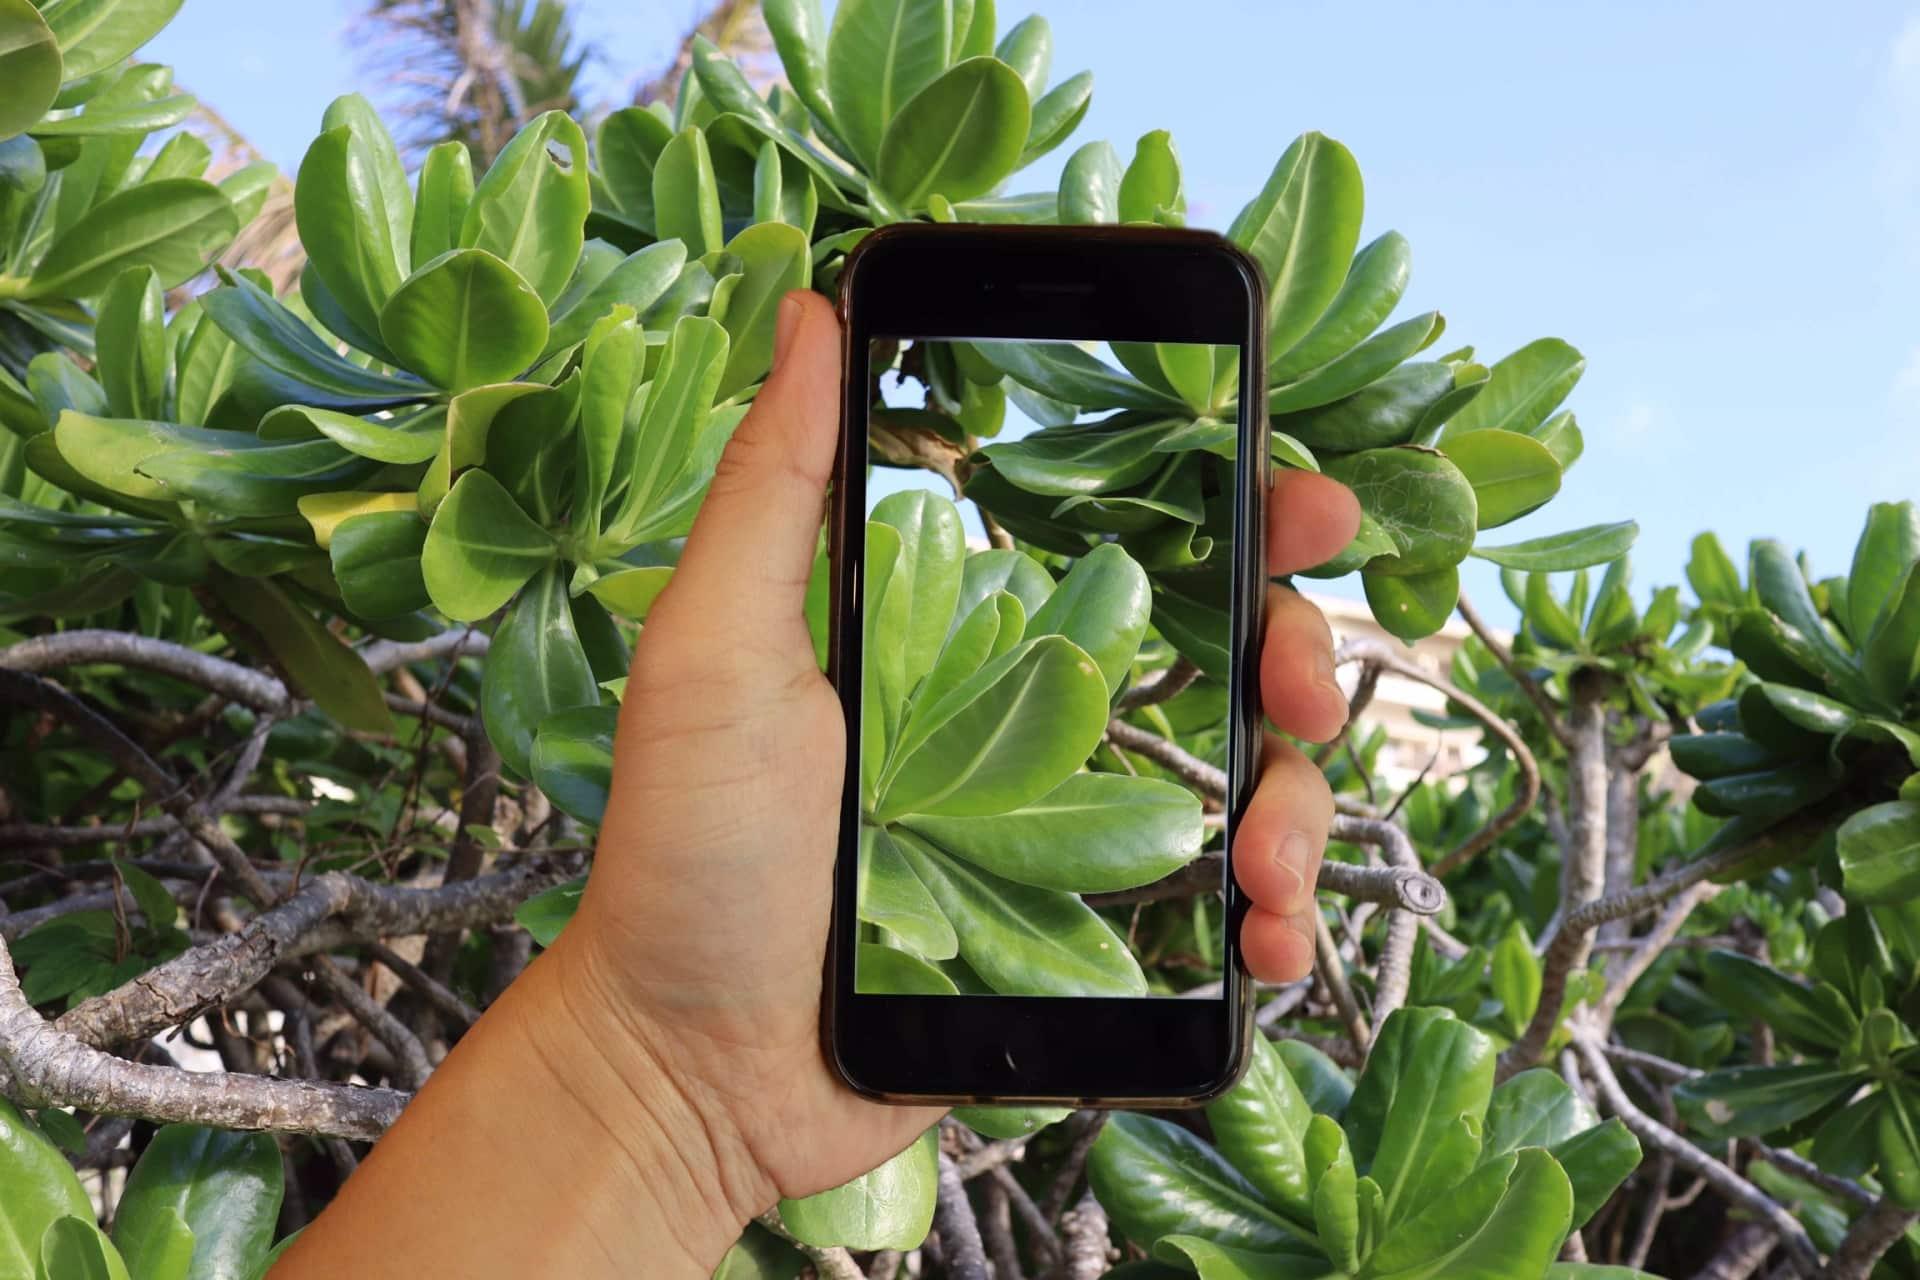 【徹底解説】iPhoneの動画をトリミングする方法とおすすめアプリ